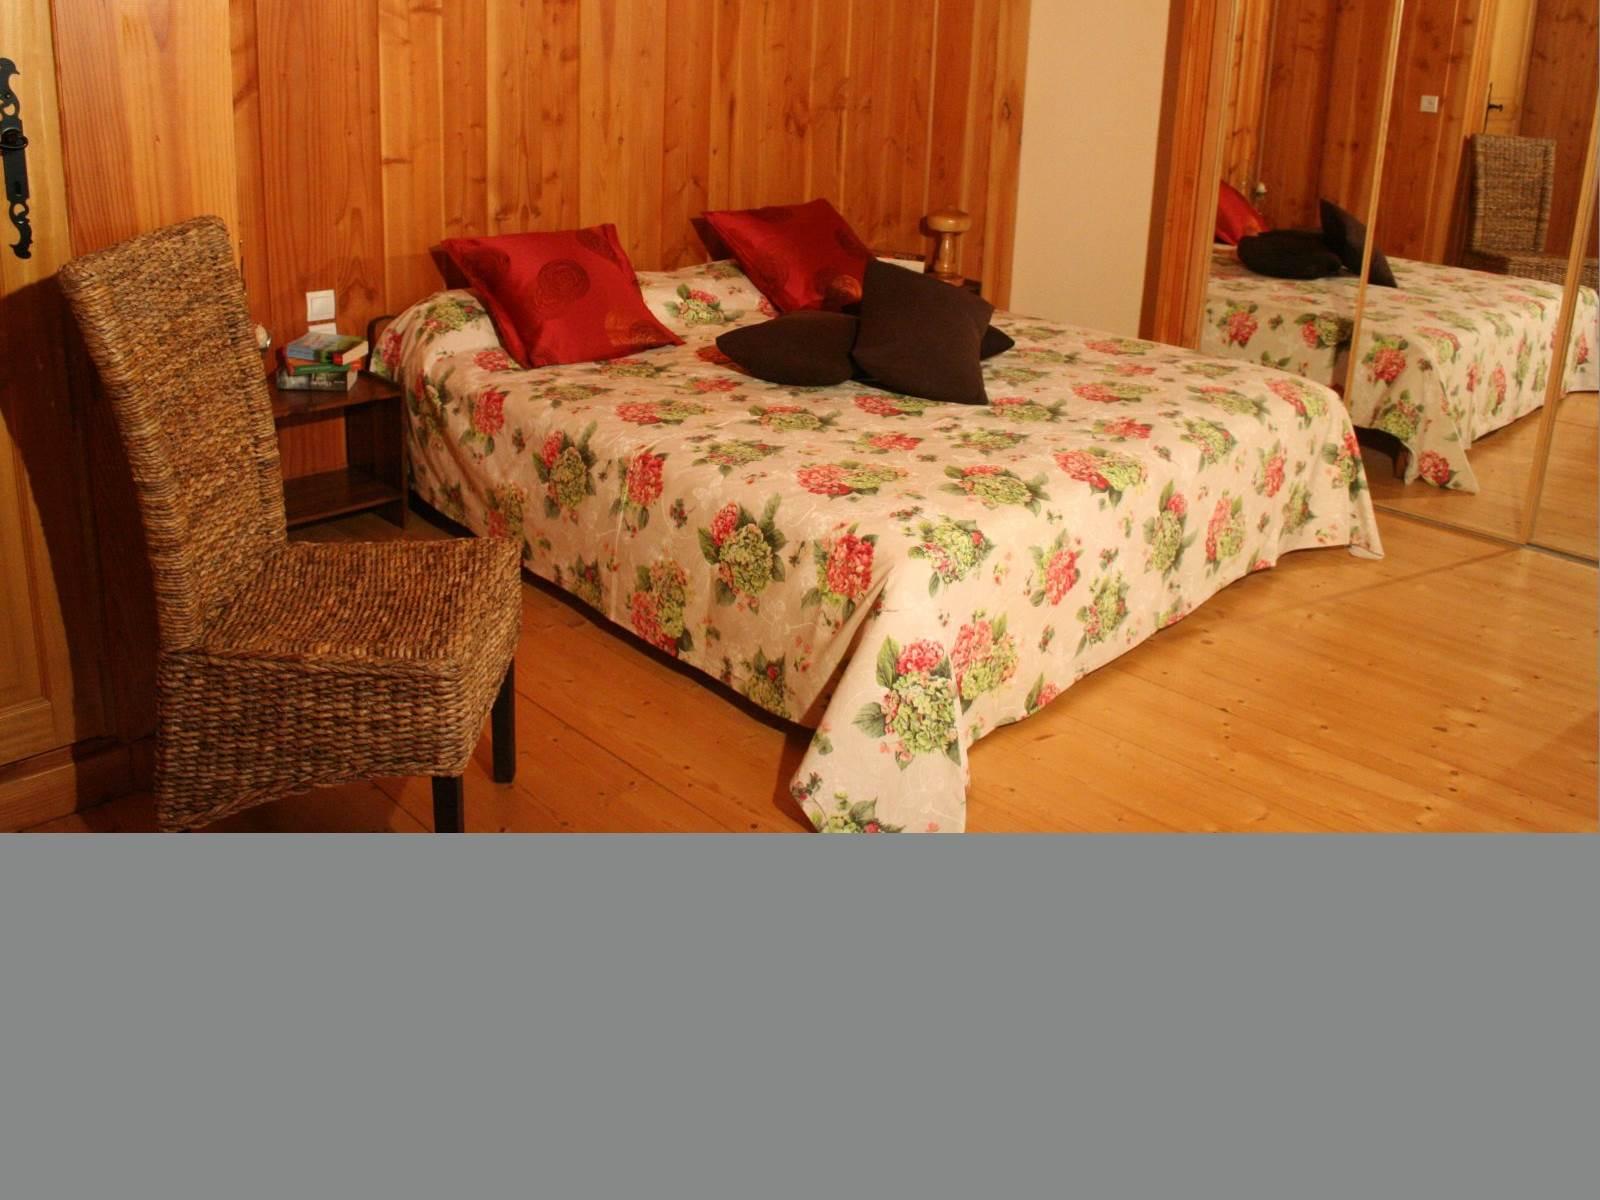 Chambres d'Hôtes Printanière de 45m² avec espace salon, tisanerie, douche et WC séparé. 2 à 4 personnes.